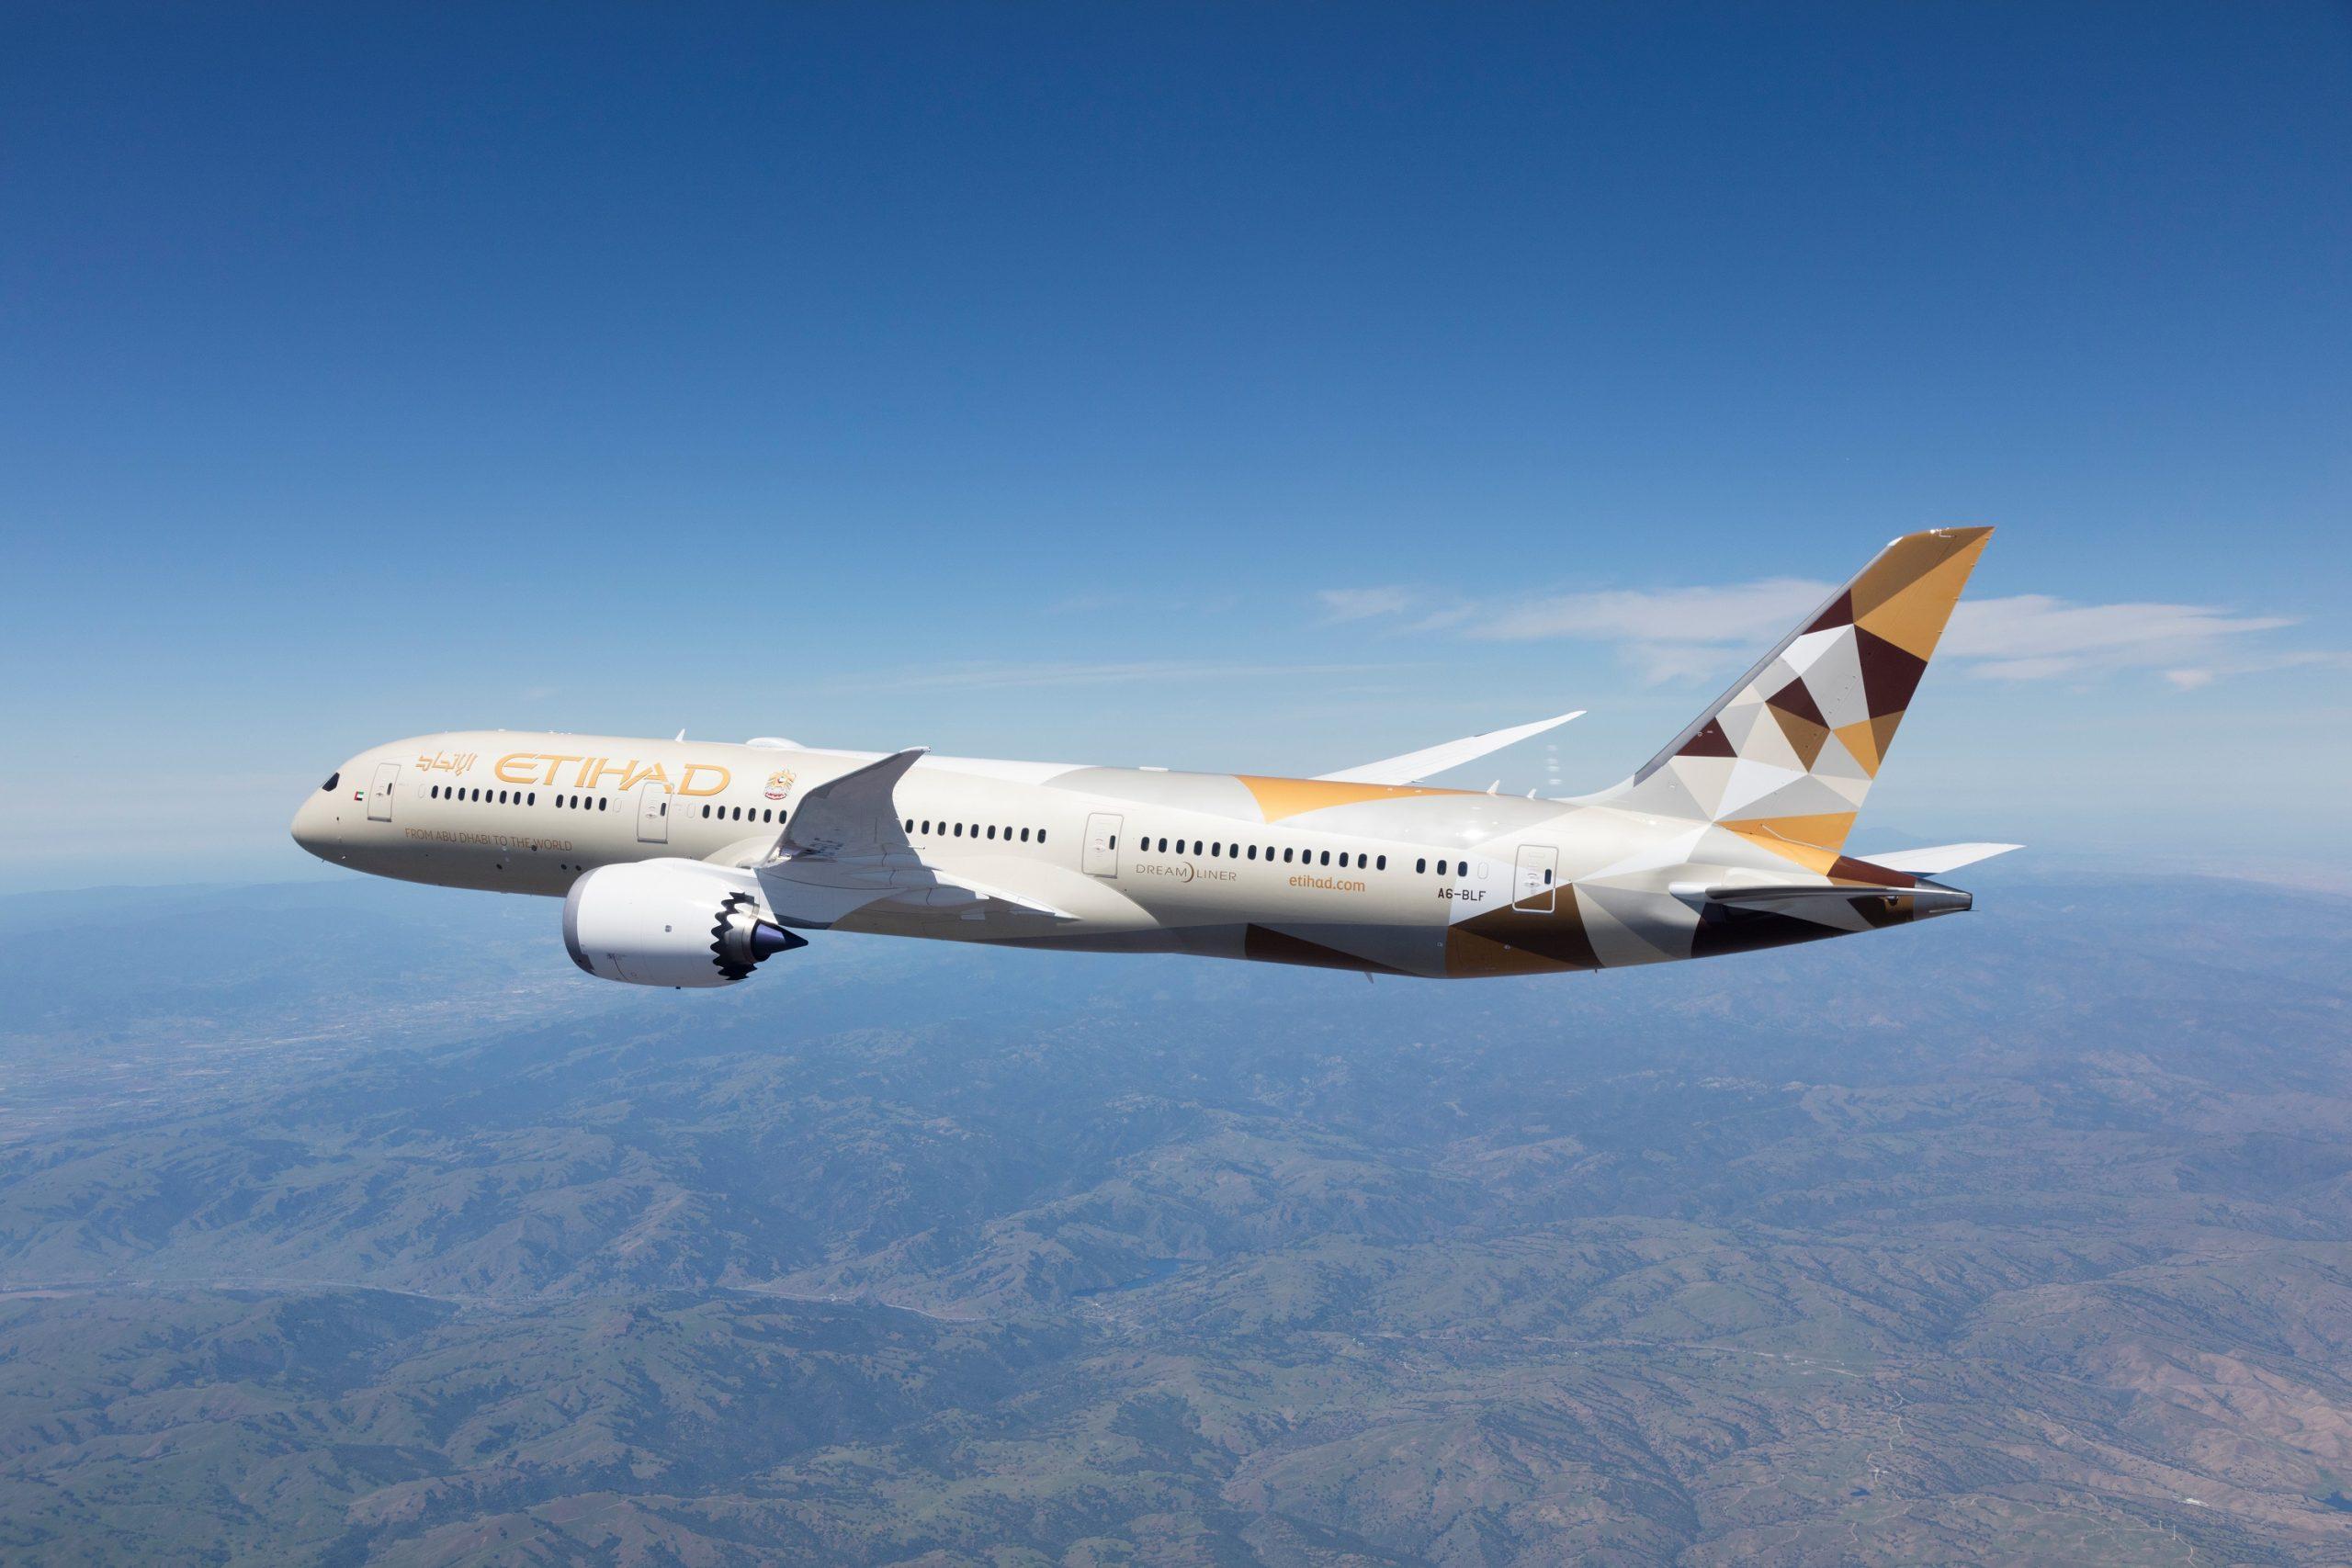 الاتحاد للطيران تعزّز الرحلات الخاصة على شبكة وجهاتها العالمية